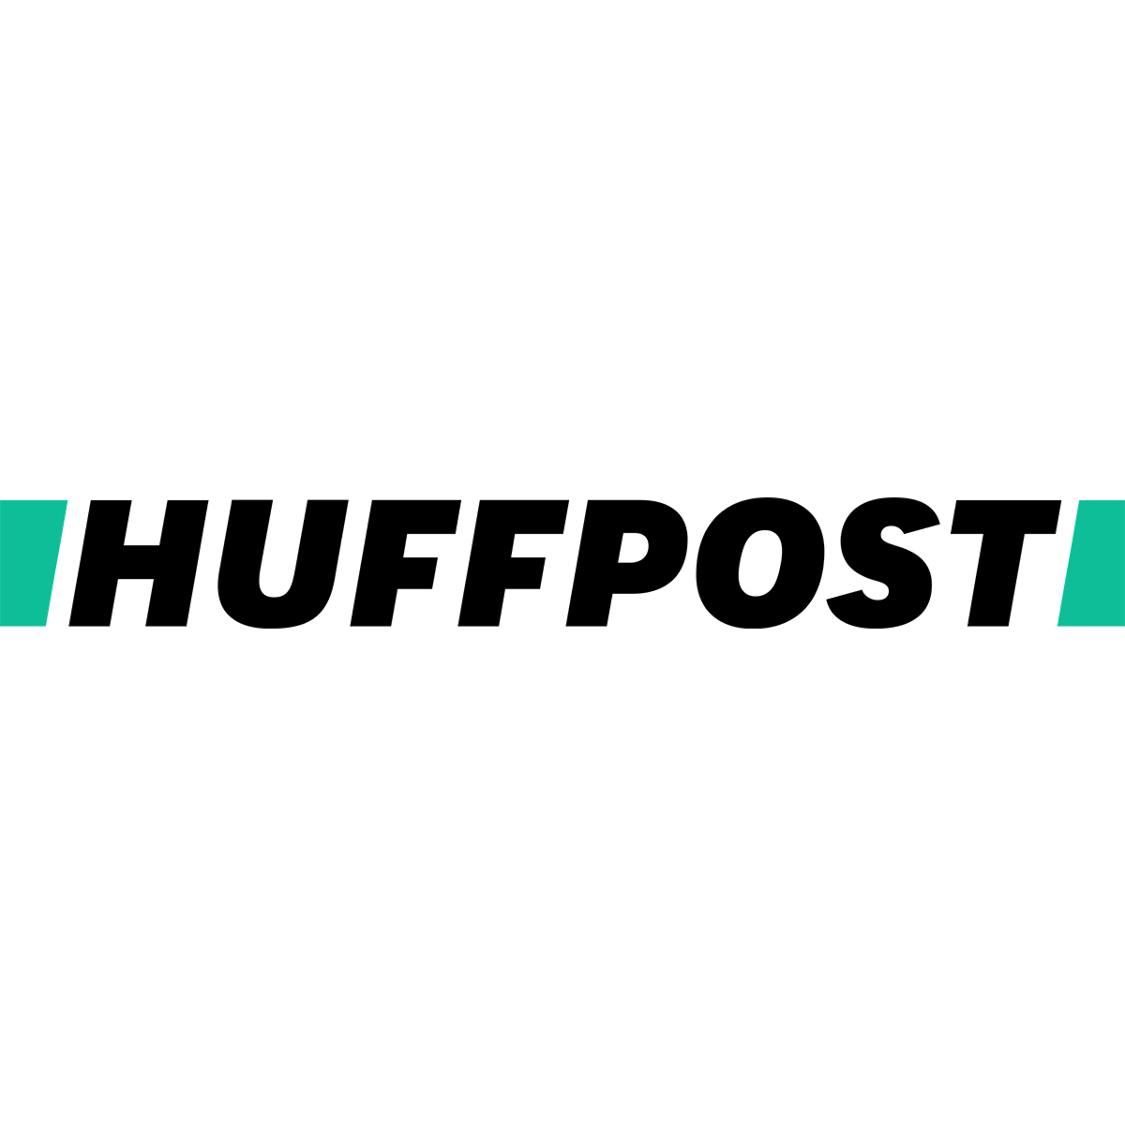 HuffpostLogo.png